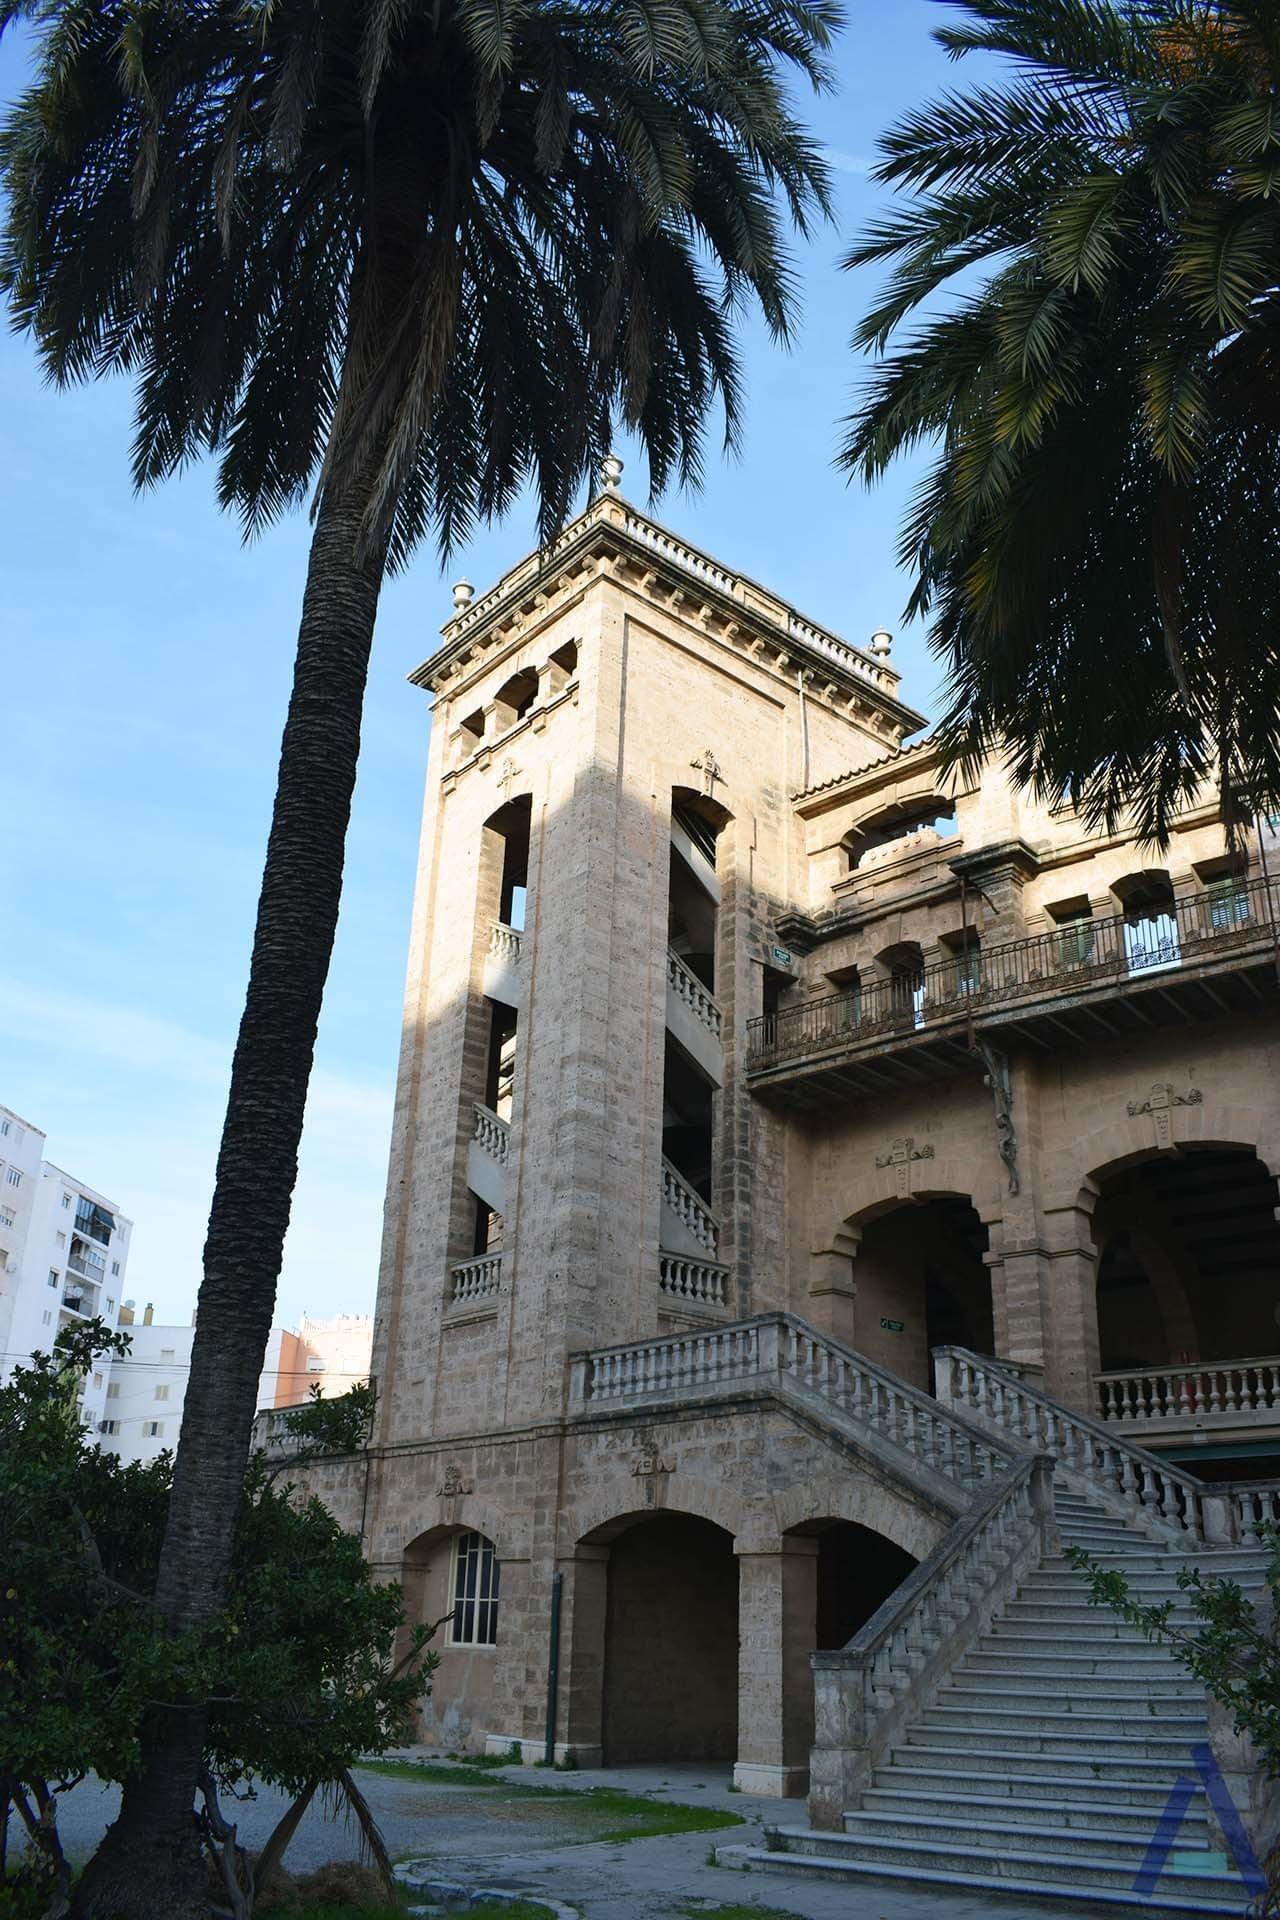 Plaza De Toros West Wing Tower